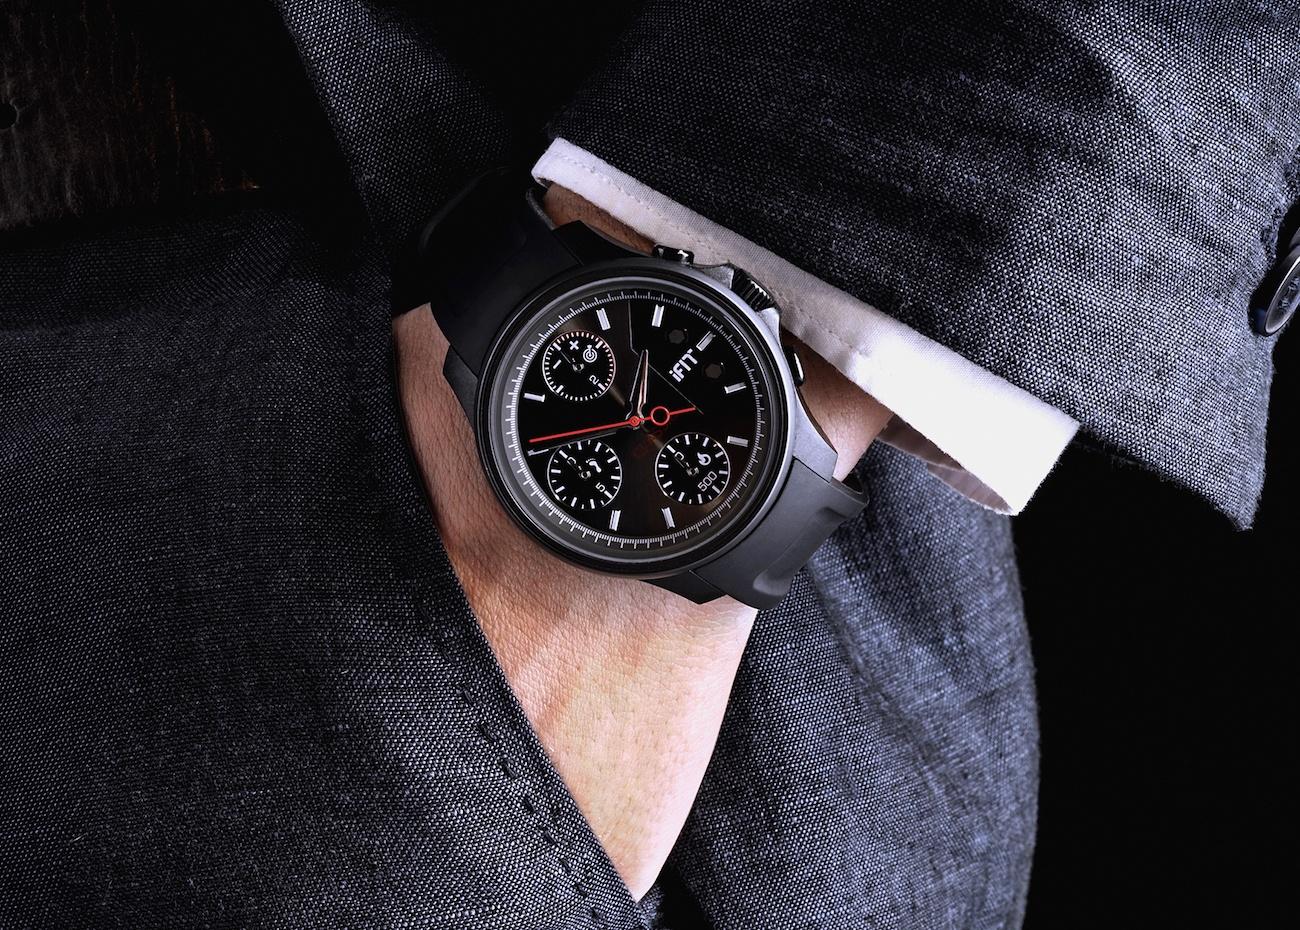 iFit Graphite Wrist Watch